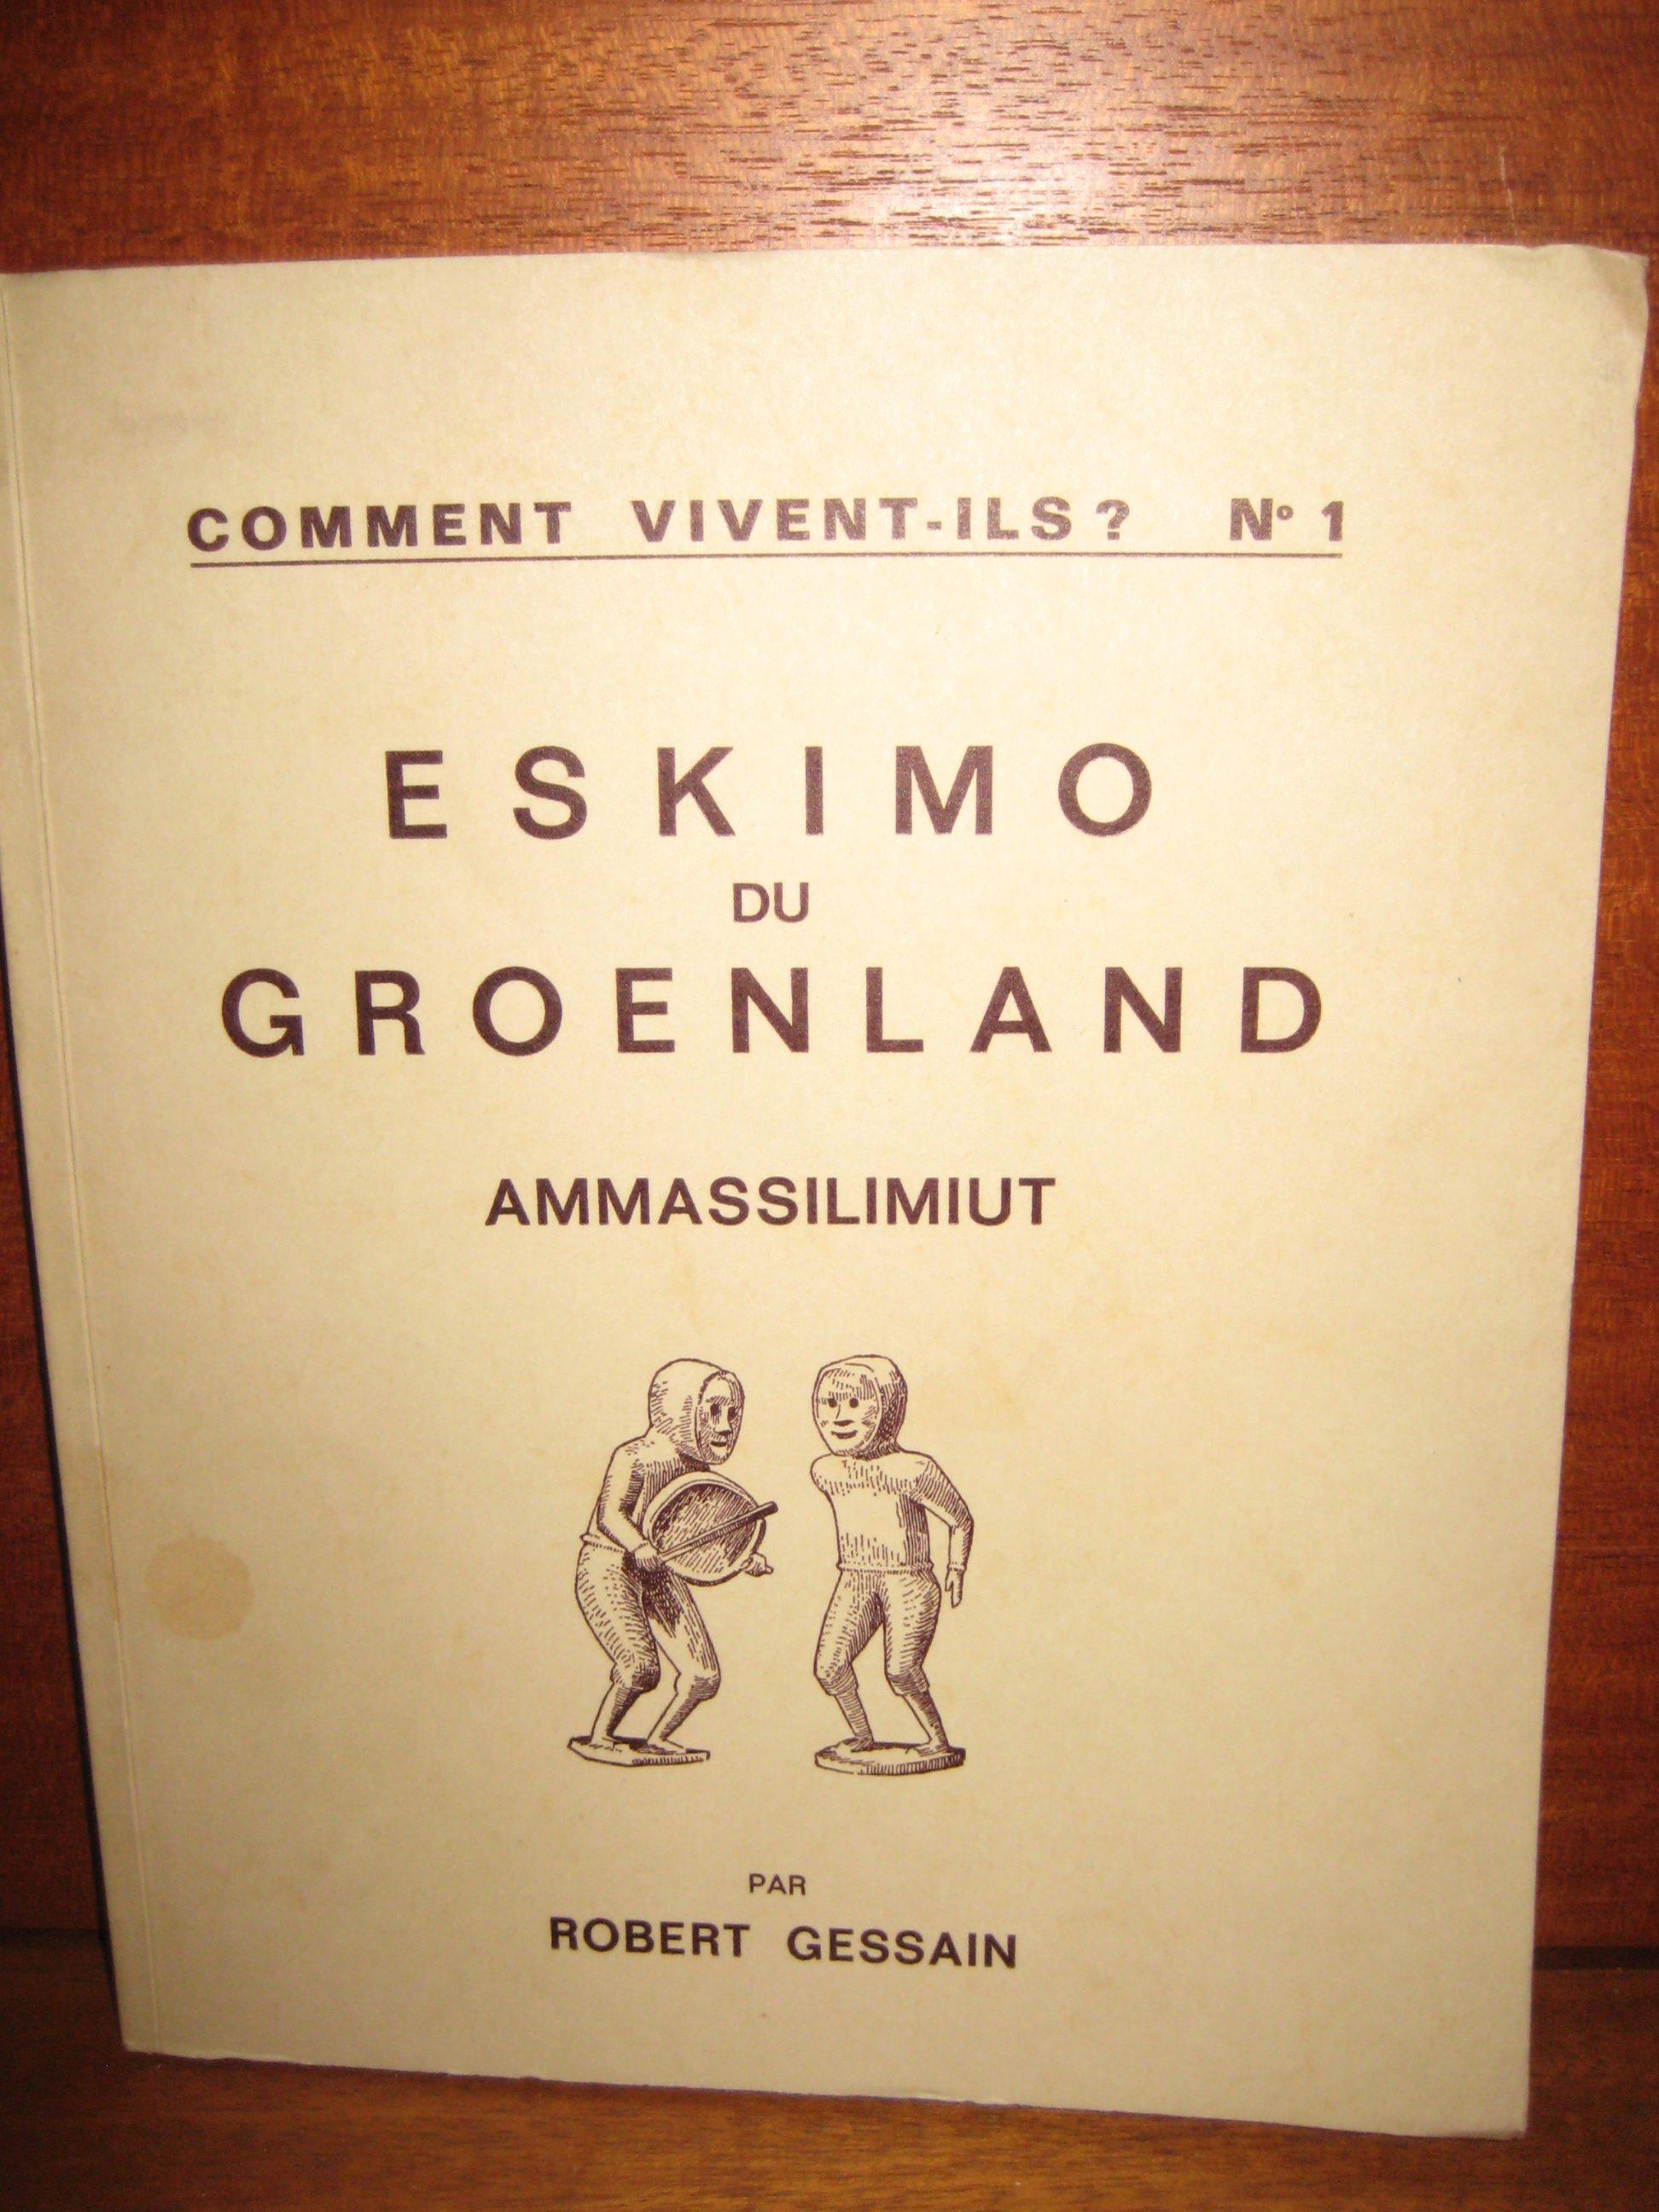 Eskimo de Groenland